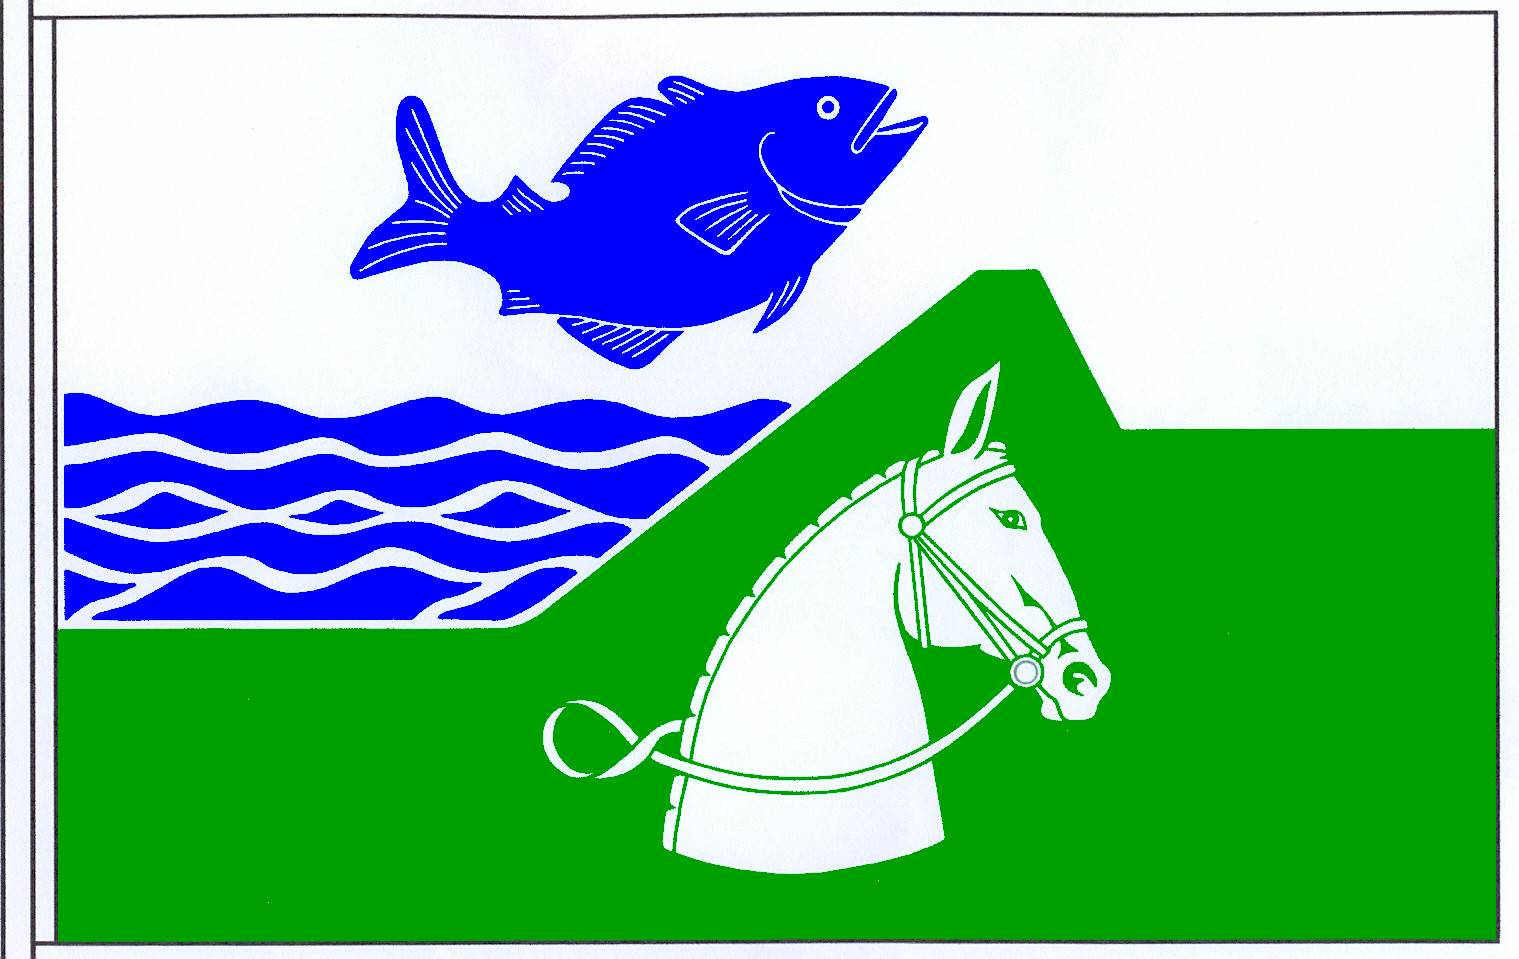 Flagge GemeindeSeester, Kreis Pinneberg